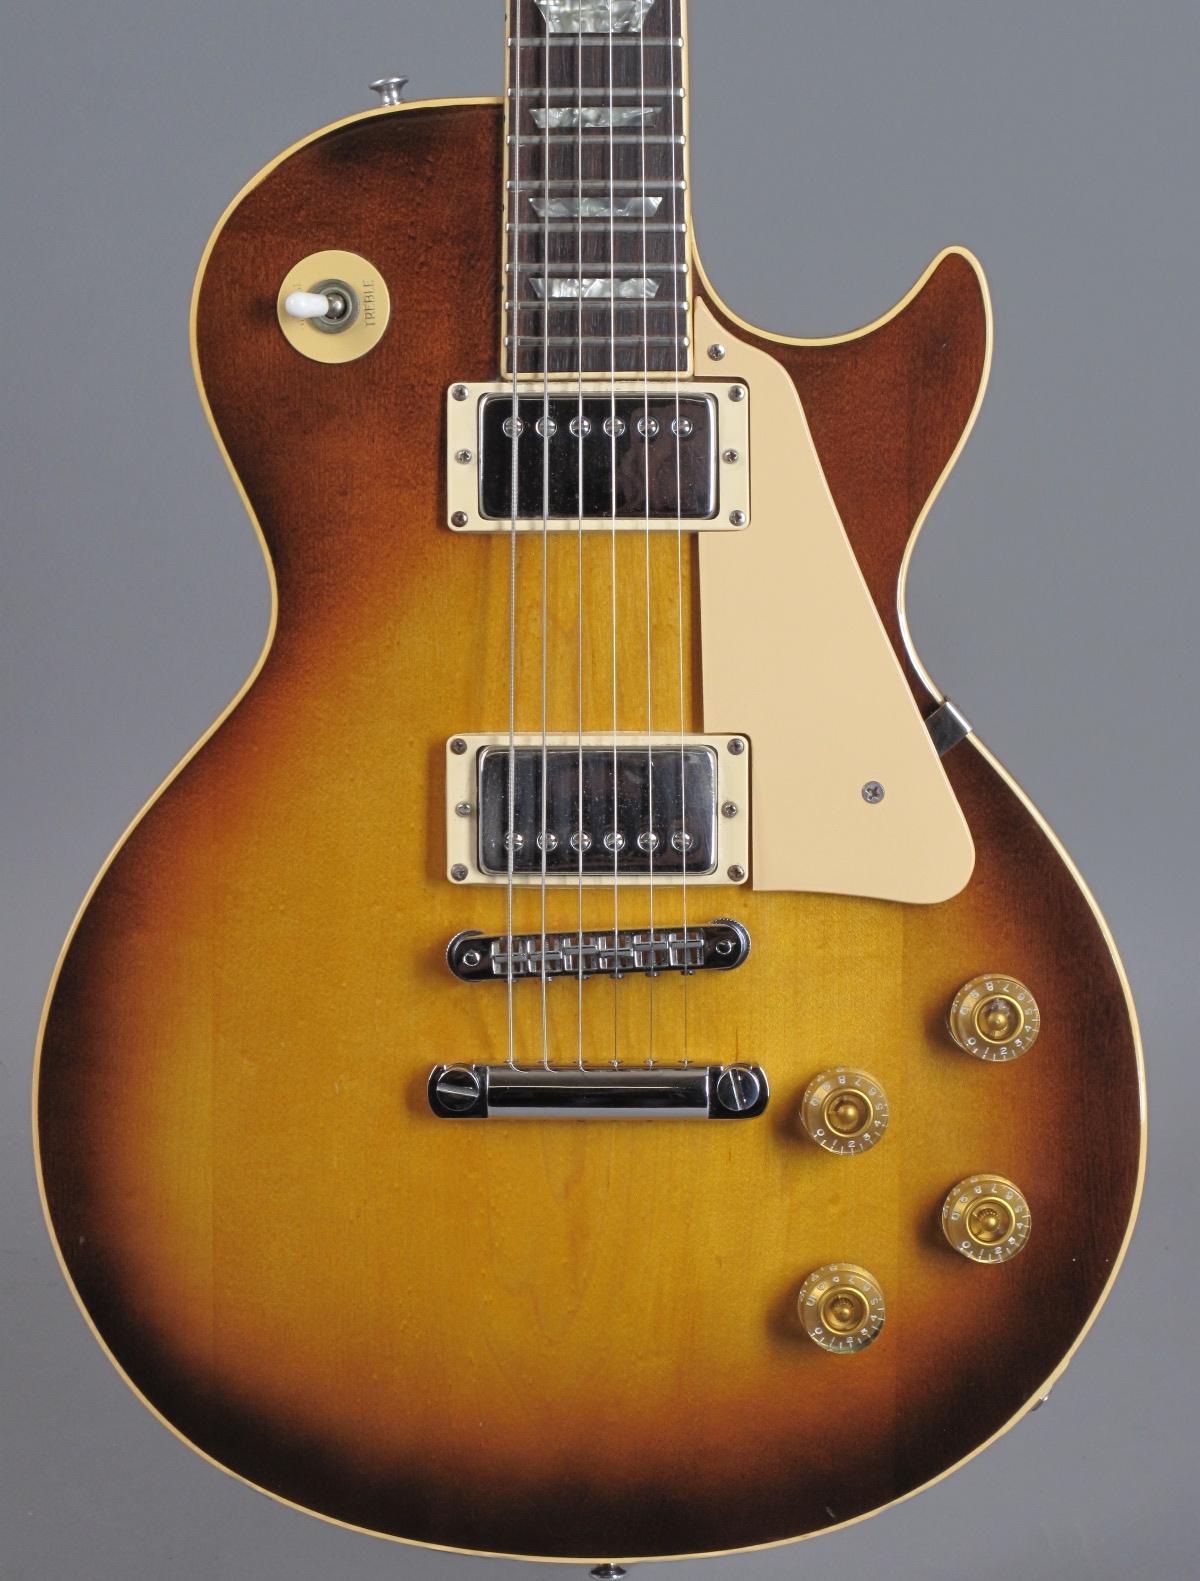 1976 Gibson Les Paul Standard - Sunburst